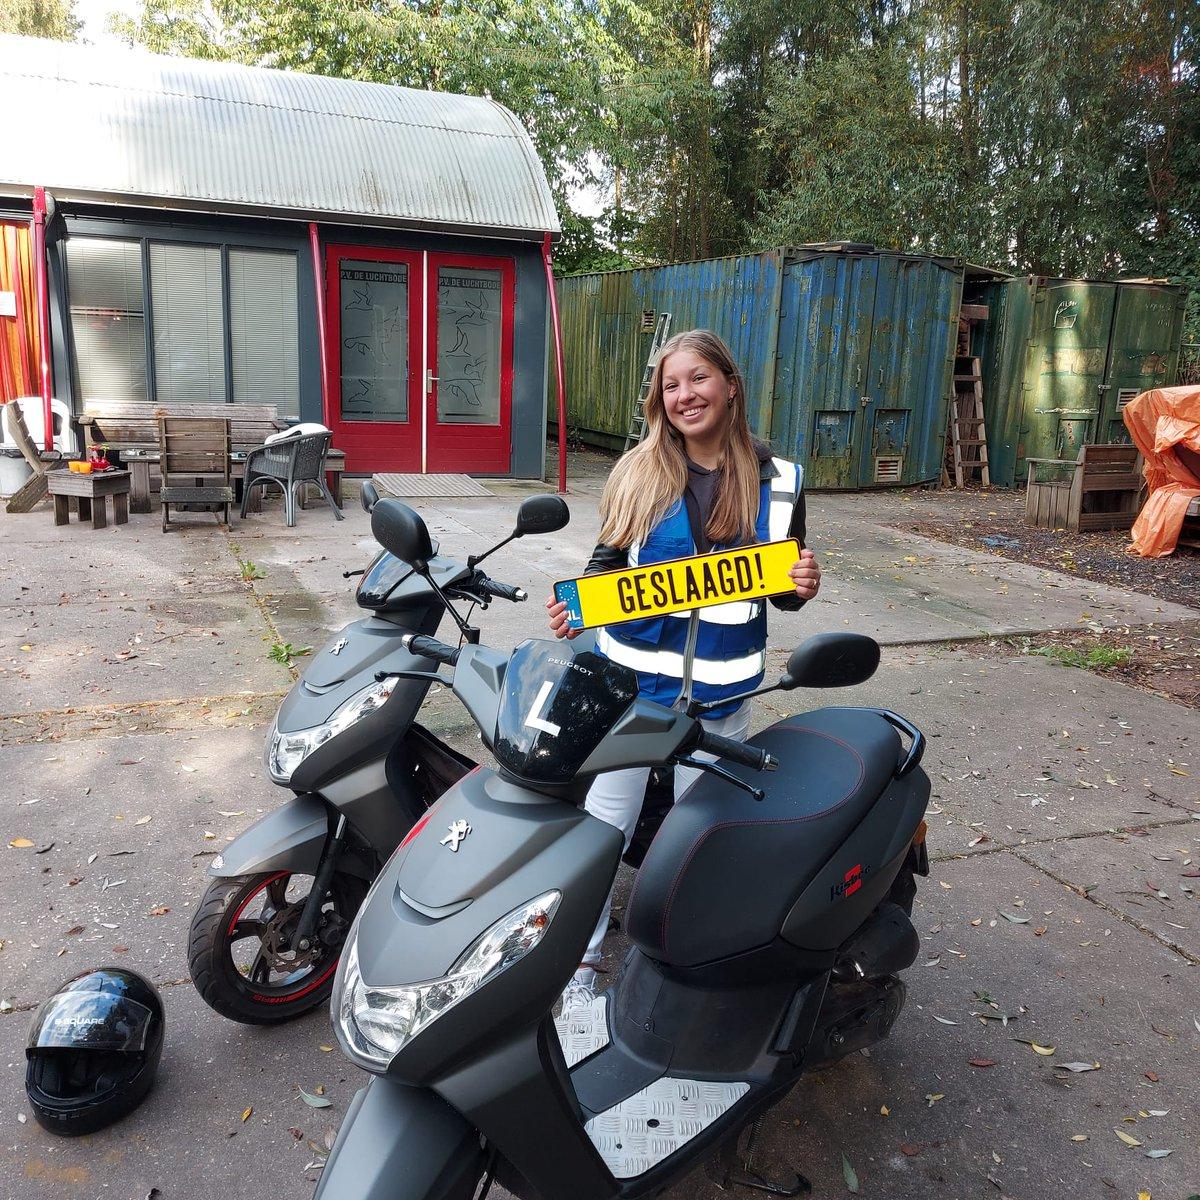 test Twitter Media - Anouk Laarman gefeliciteerd met het in 1x behalen van je scooterrijbewijs #AM2 https://t.co/GqA3Bm9pes